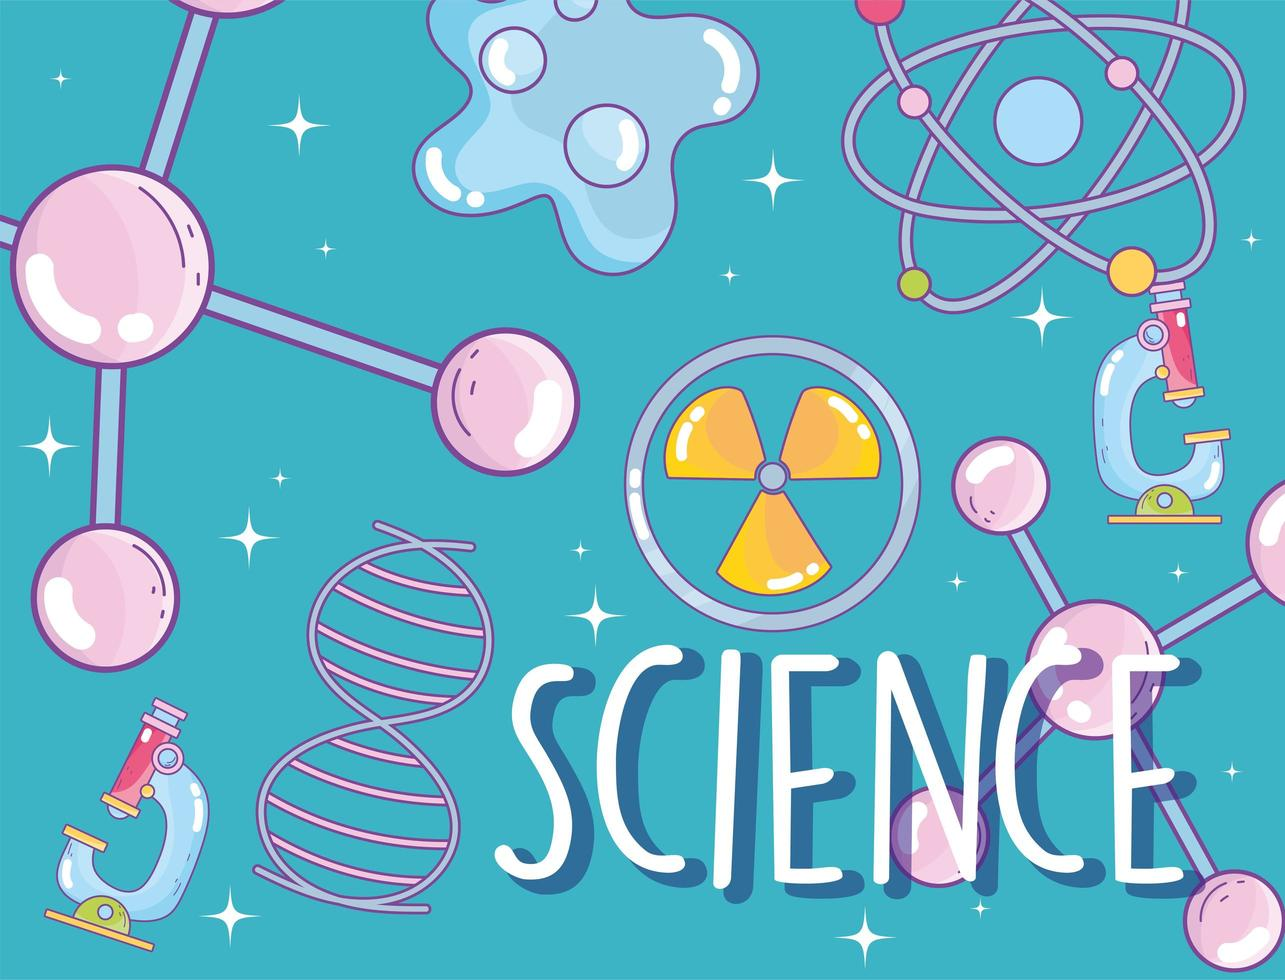 padrão com tema de ciência com letras vetor